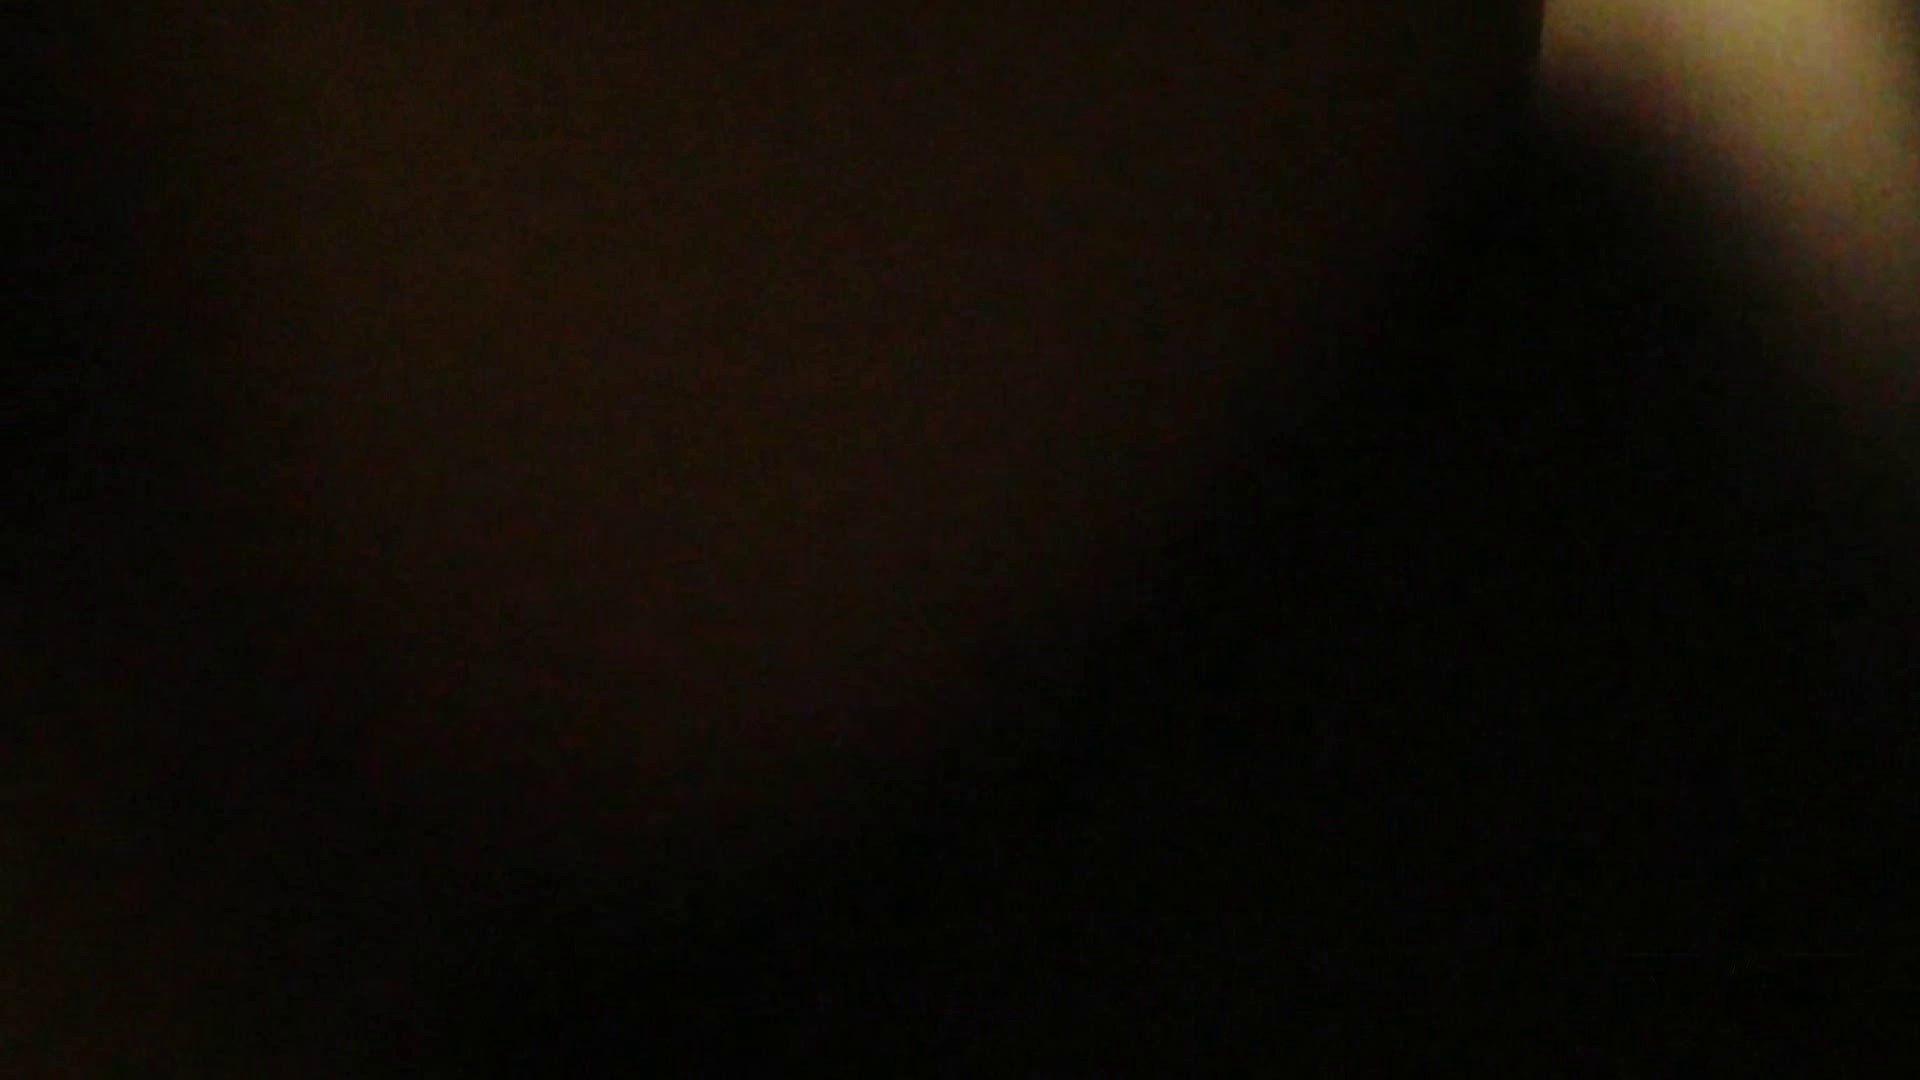 悪戯ネットカフェ Vol13 中編 イジっていたら準備ができたみたいっ! 潜入 盗撮オマンコ無修正動画無料 31pic 28